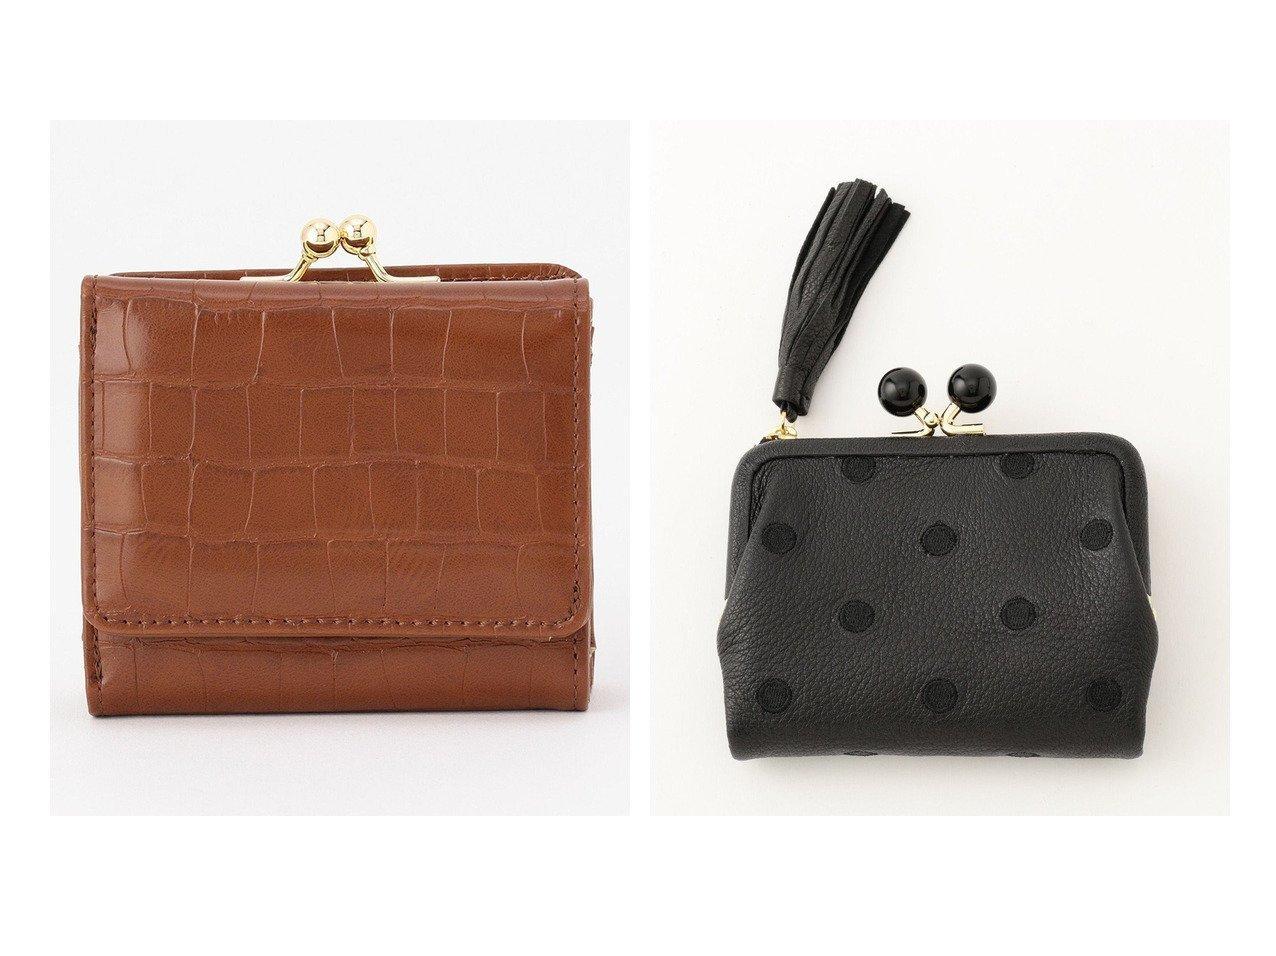 【UNBILLION/アンビリオン】のcachecache クロコ型押し三つ折りミニ財布&perche アクリル玉がま口2つ折り財布 おすすめ!人気、トレンド・レディースファッションの通販 おすすめで人気の流行・トレンド、ファッションの通販商品 インテリア・家具・メンズファッション・キッズファッション・レディースファッション・服の通販 founy(ファニー) https://founy.com/ ファッション Fashion レディースファッション WOMEN 財布 Wallets 送料無料 Free Shipping クロコ 財布 |ID:crp329100000064227